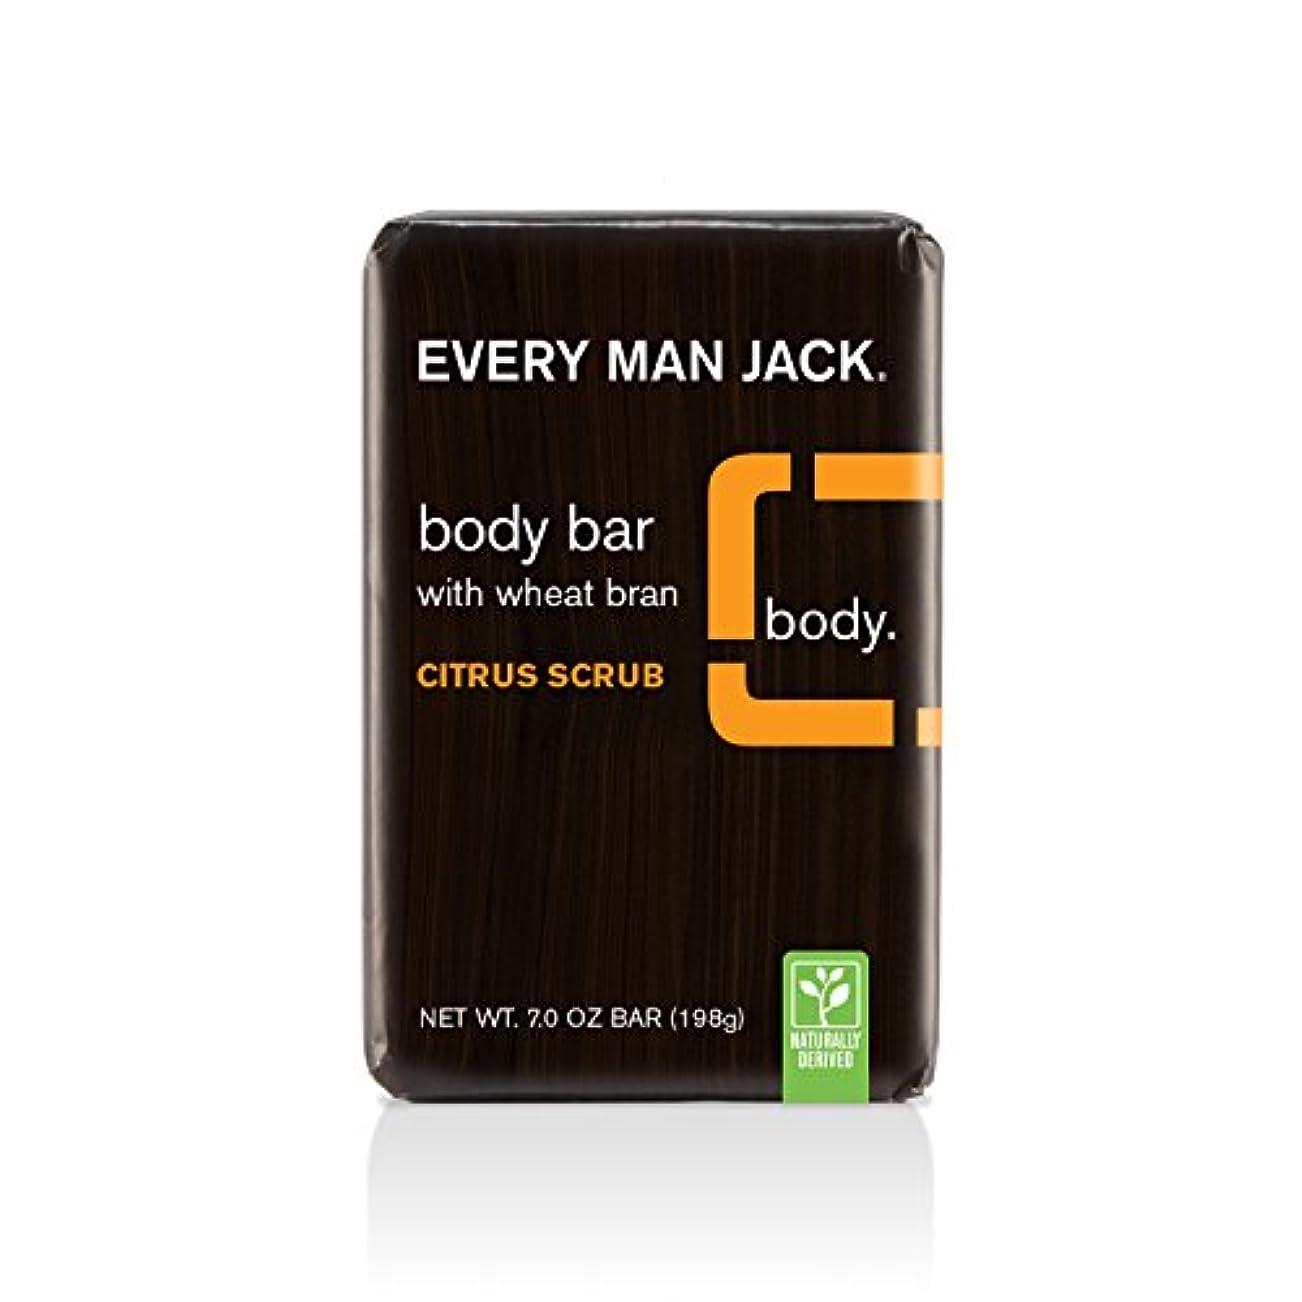 請求書後退する実験海外直送品Body Bar Soap, Citrus Scrub 7 oz by Every Man Jack